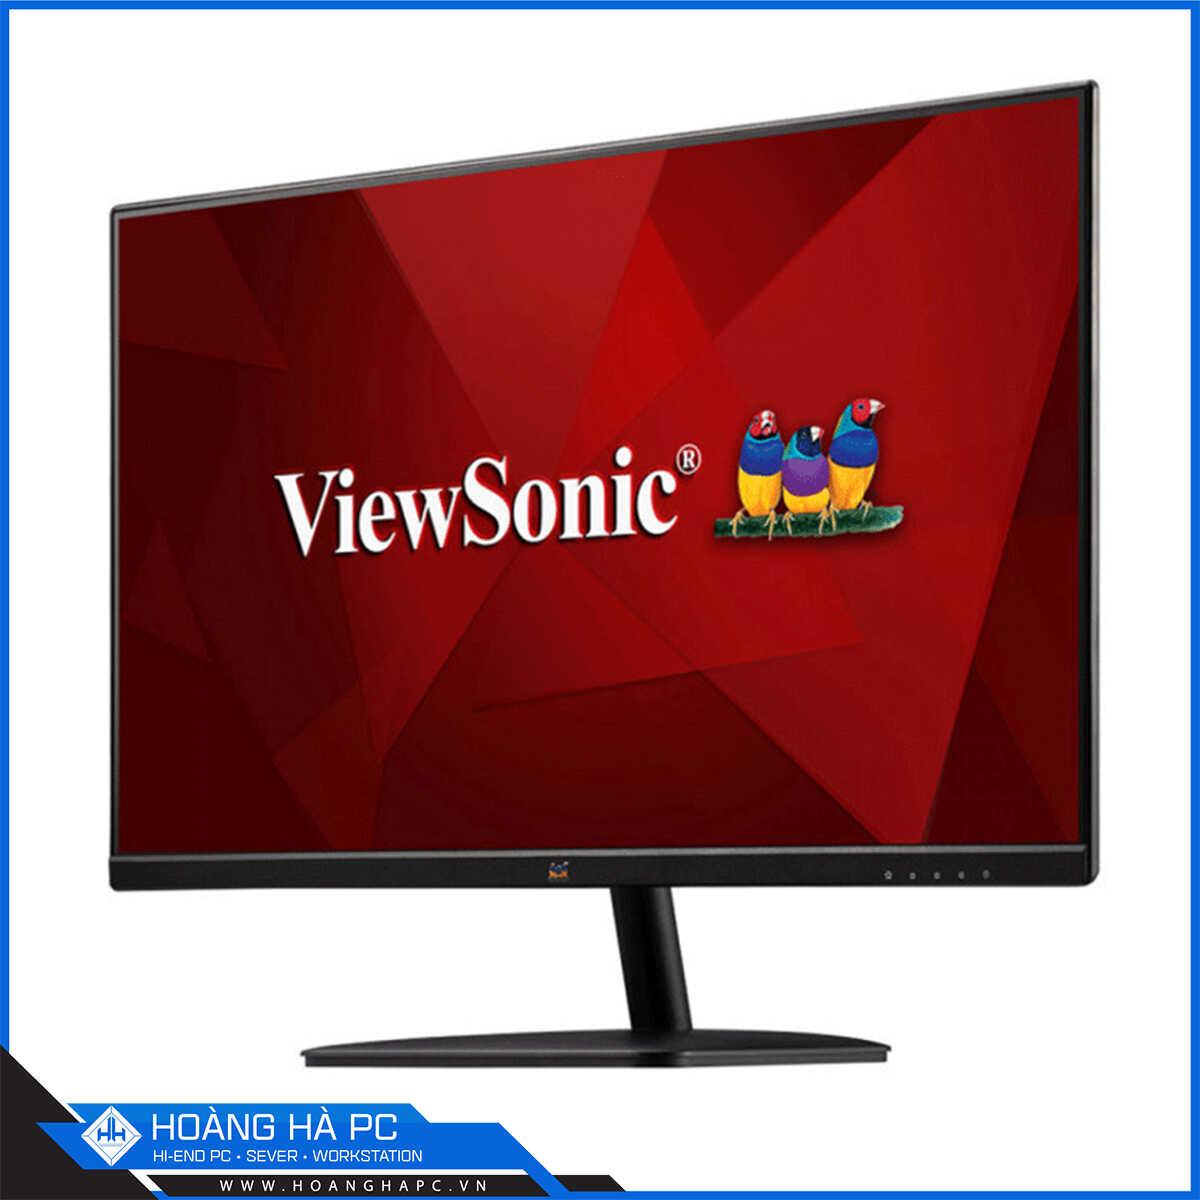 Viewsonic VA2432-H